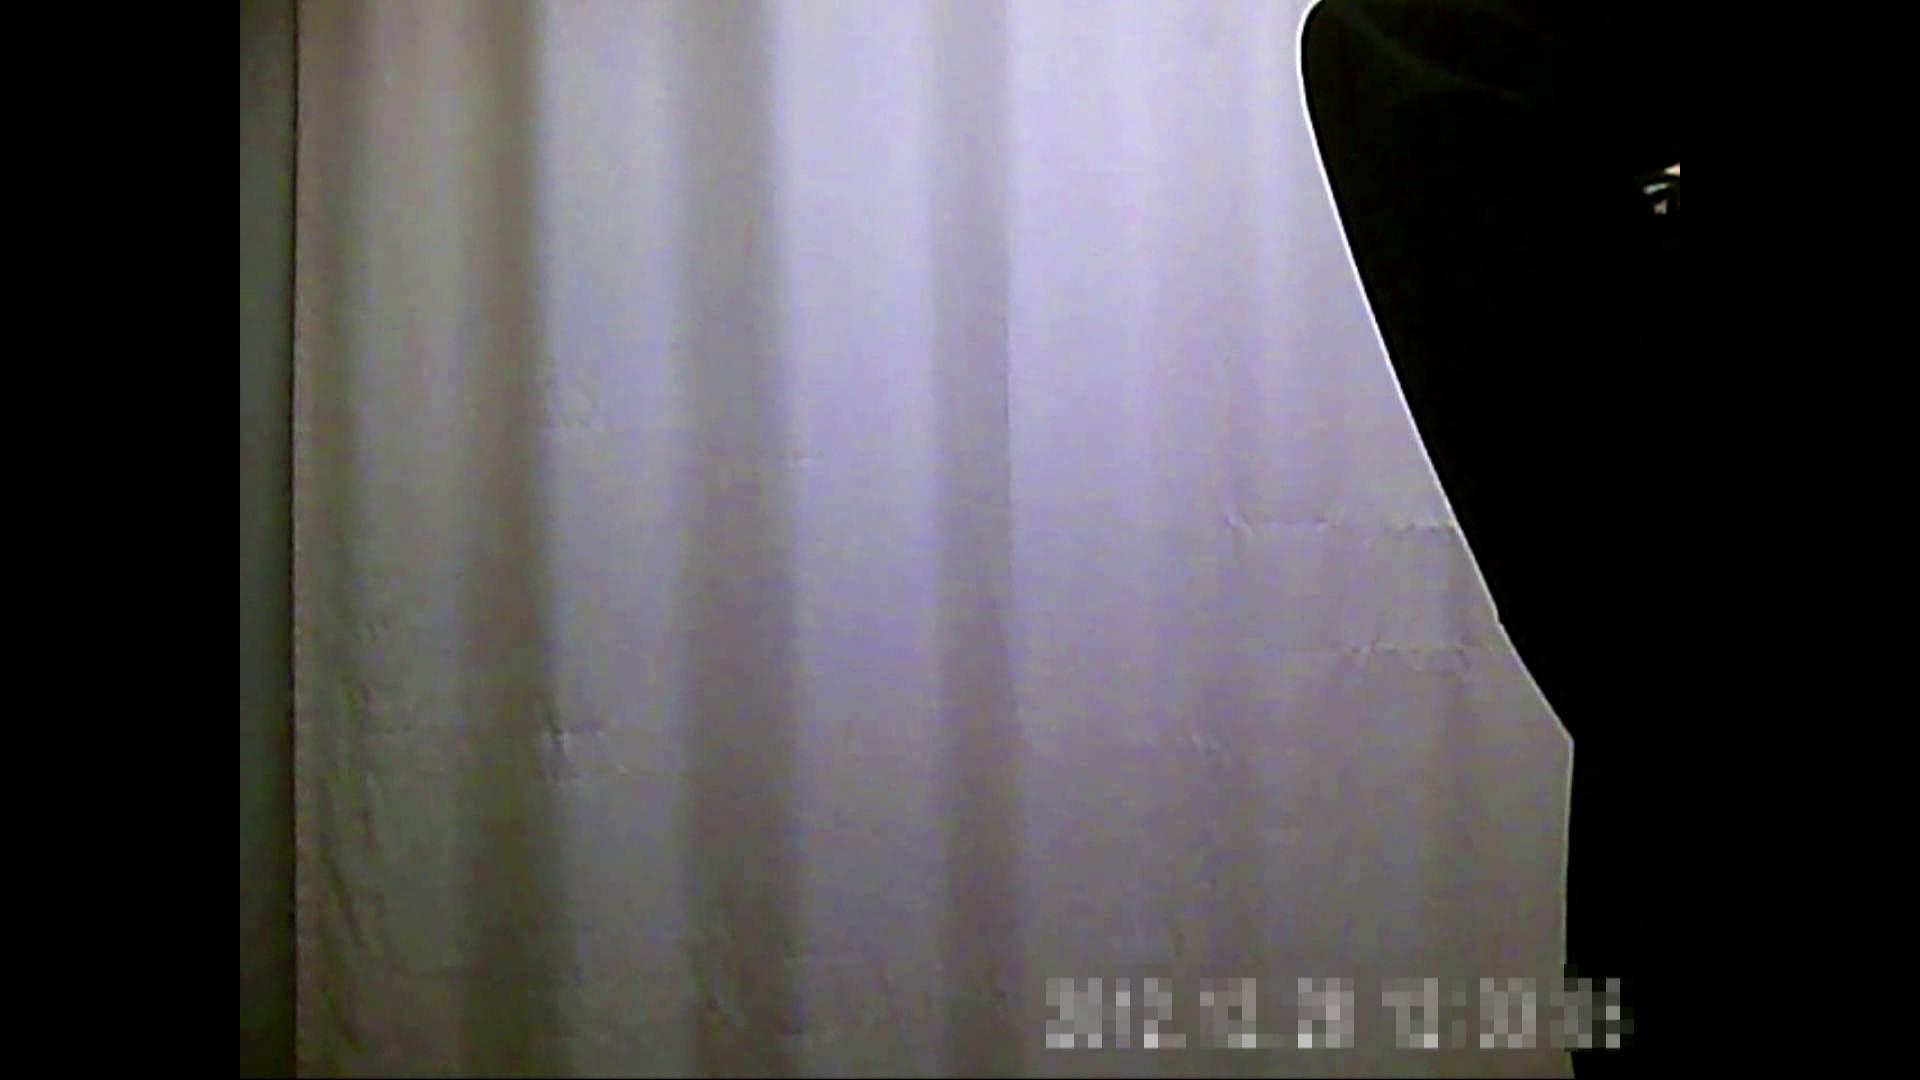 元医者による反抗 更衣室地獄絵巻 vol.110 OL | 0  83連発 31